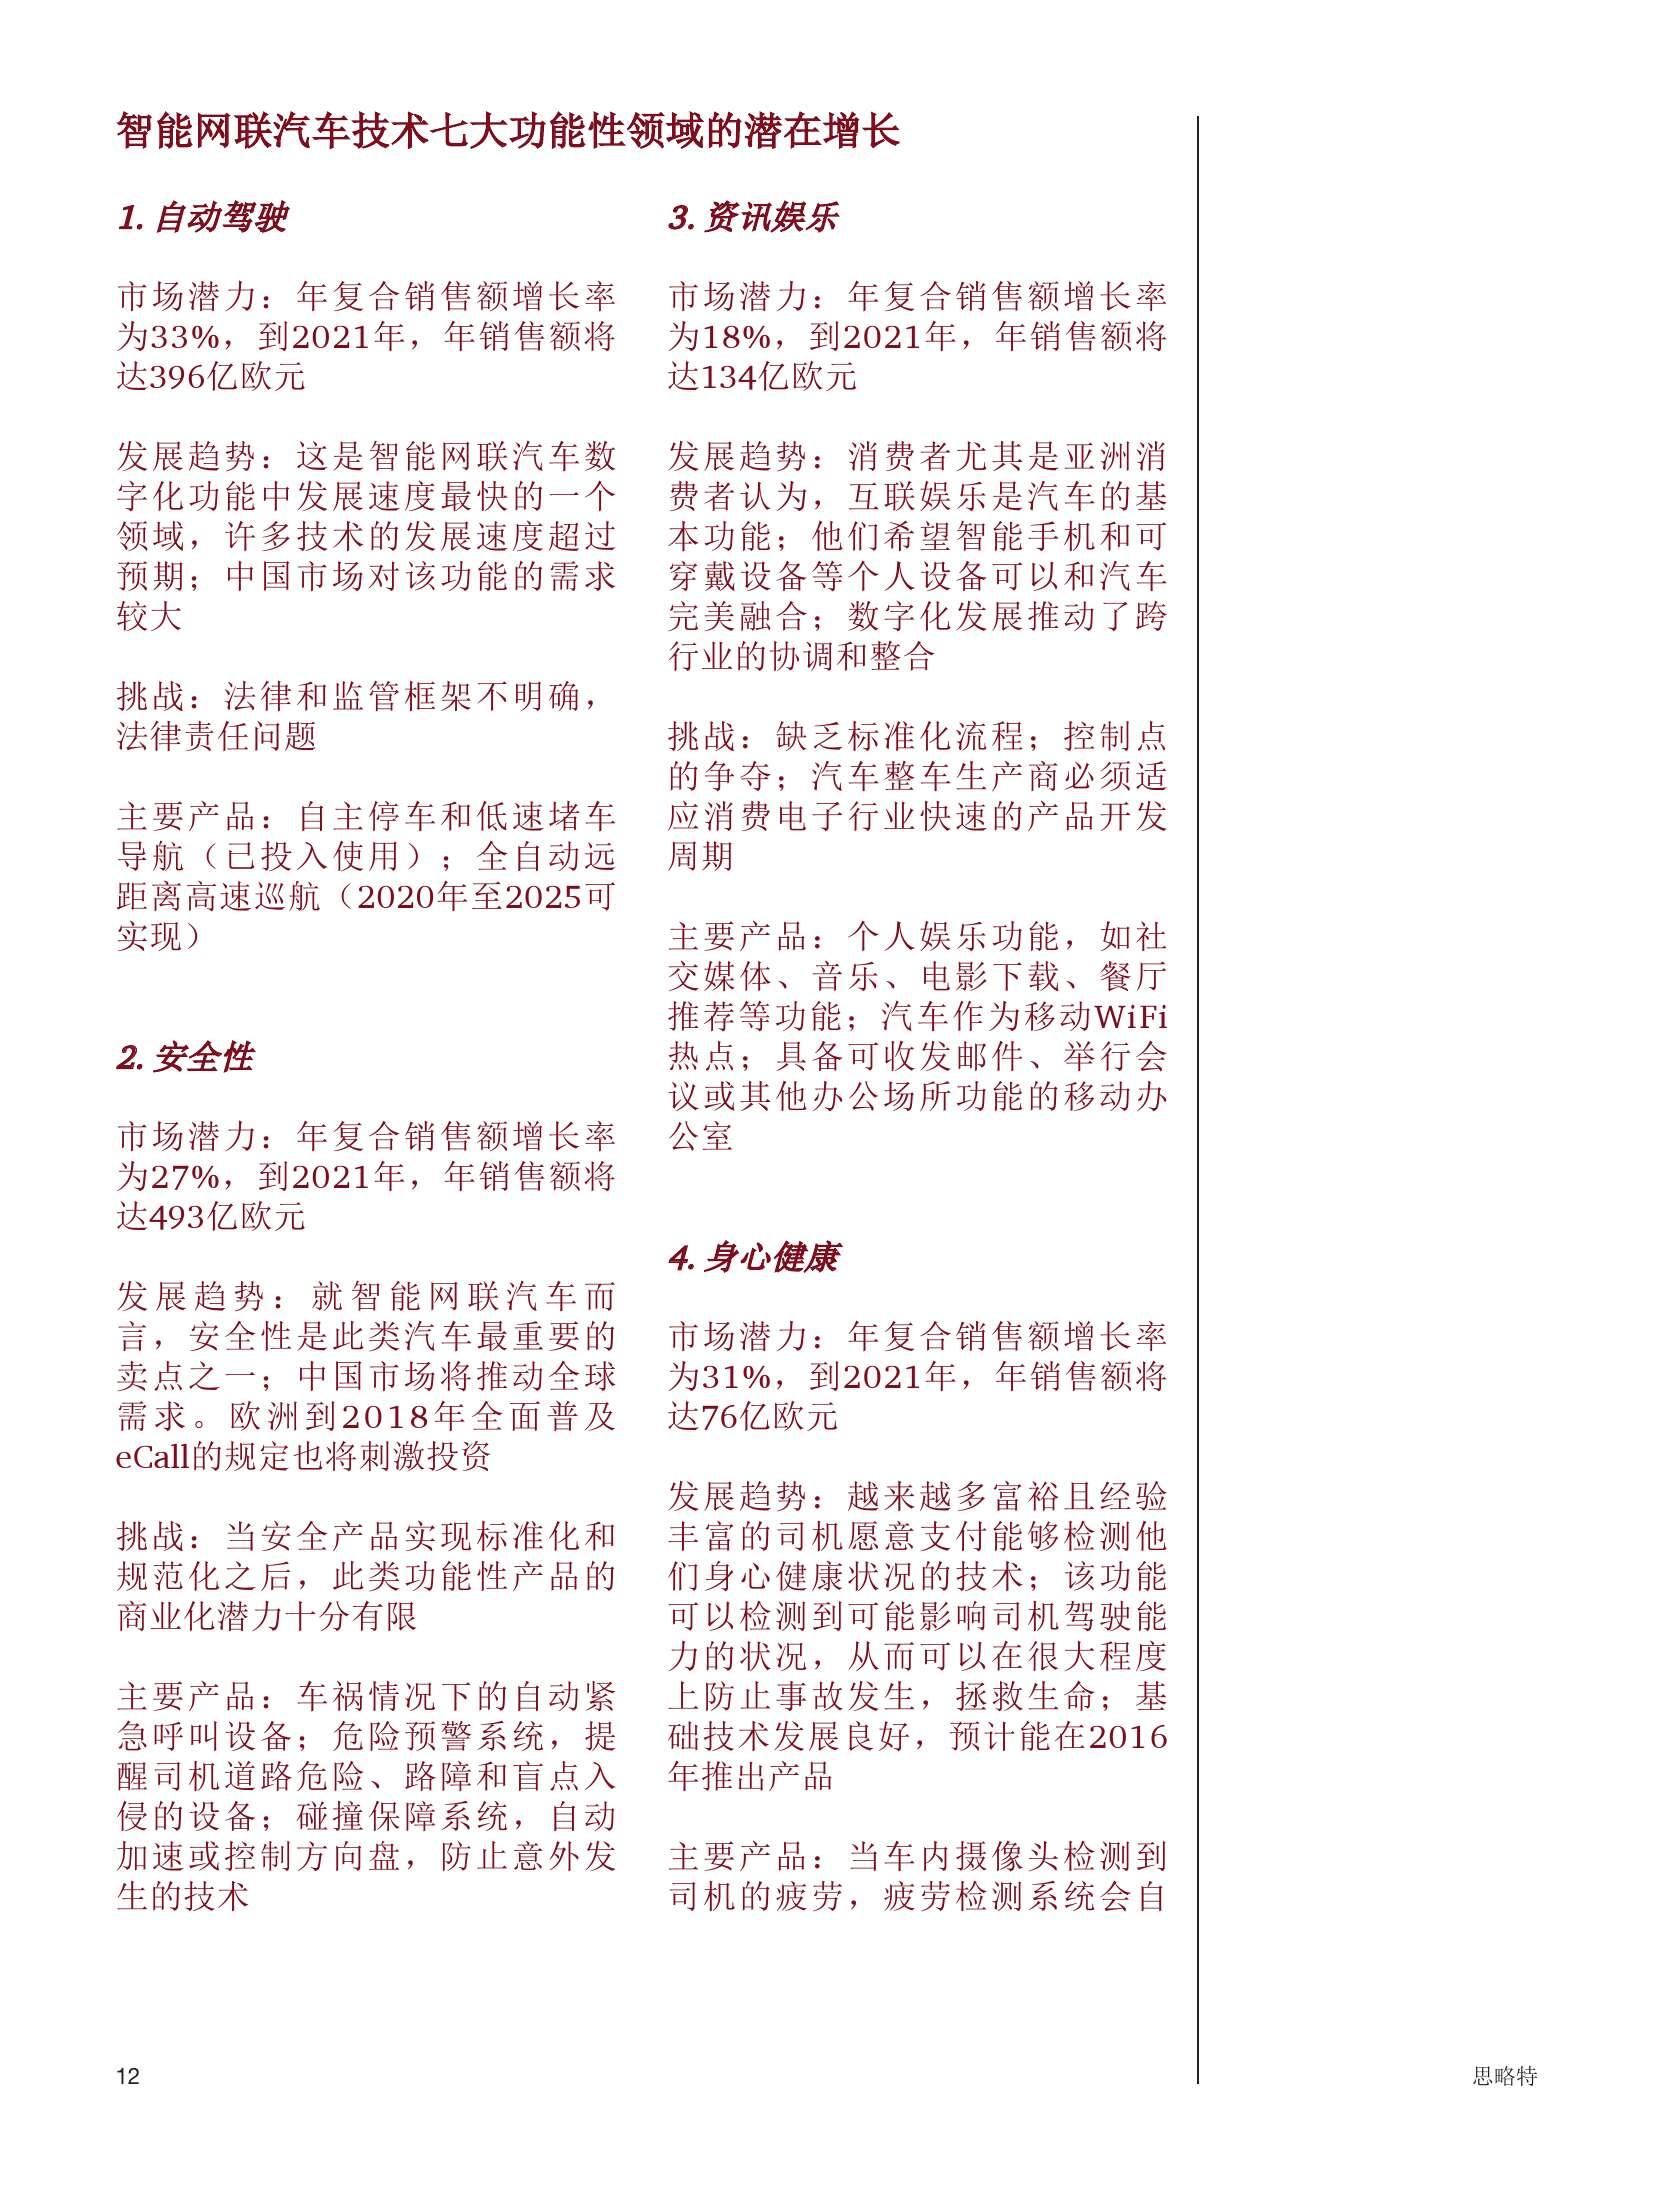 2015智能网联汽车调查_000012